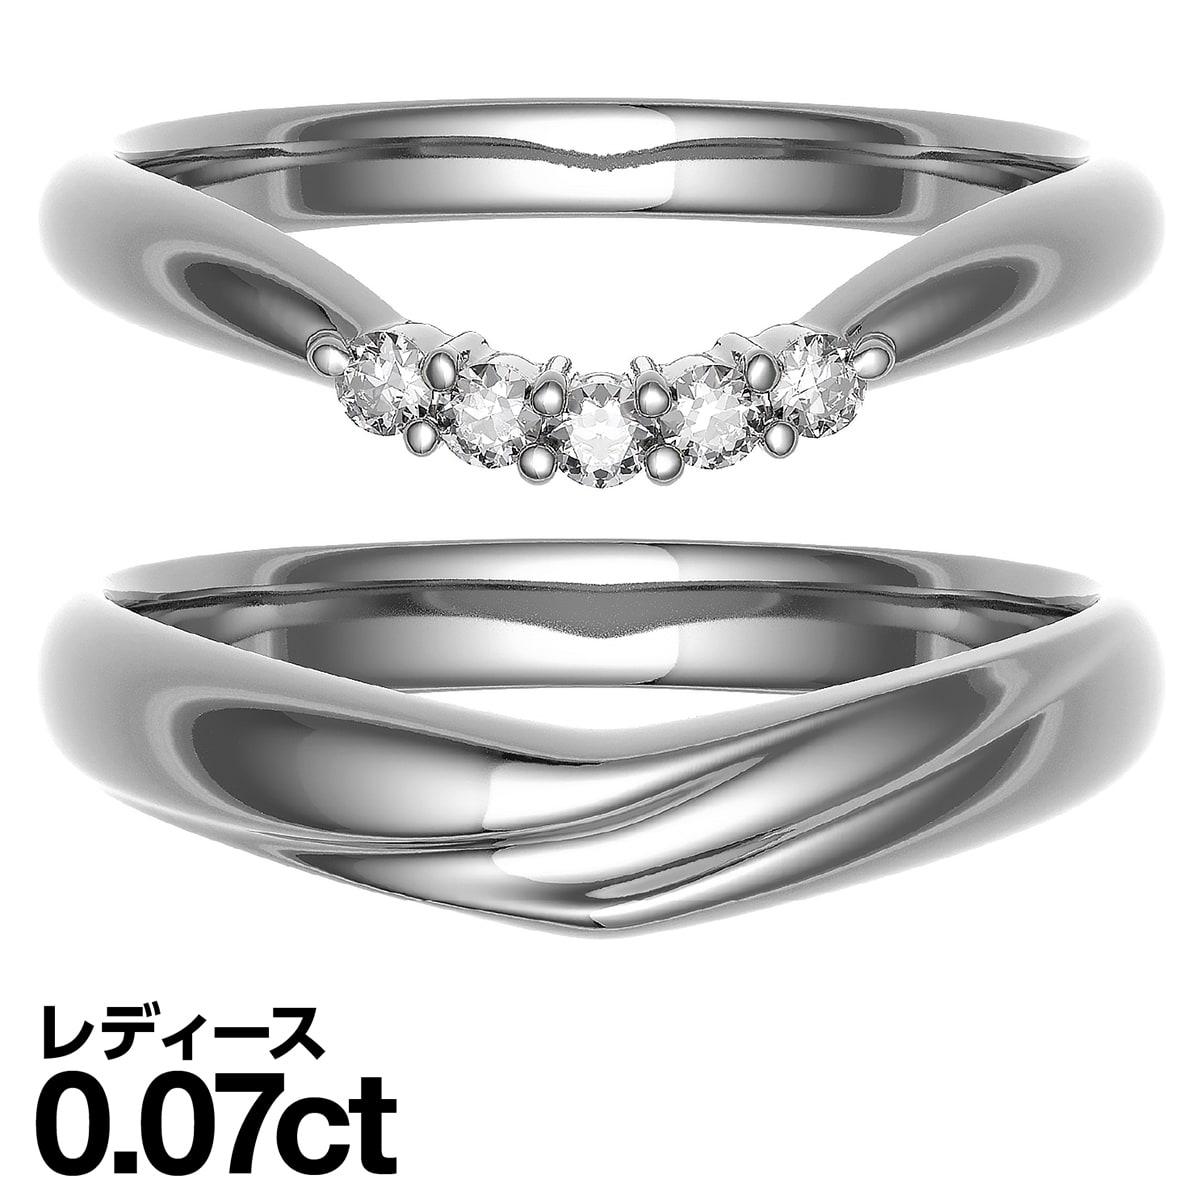 結婚指輪 マリッジリング プラチナ900 ダイヤモンド 2本セット 品質保証書 金属アレルギー 日本製 誕生日 ギフト